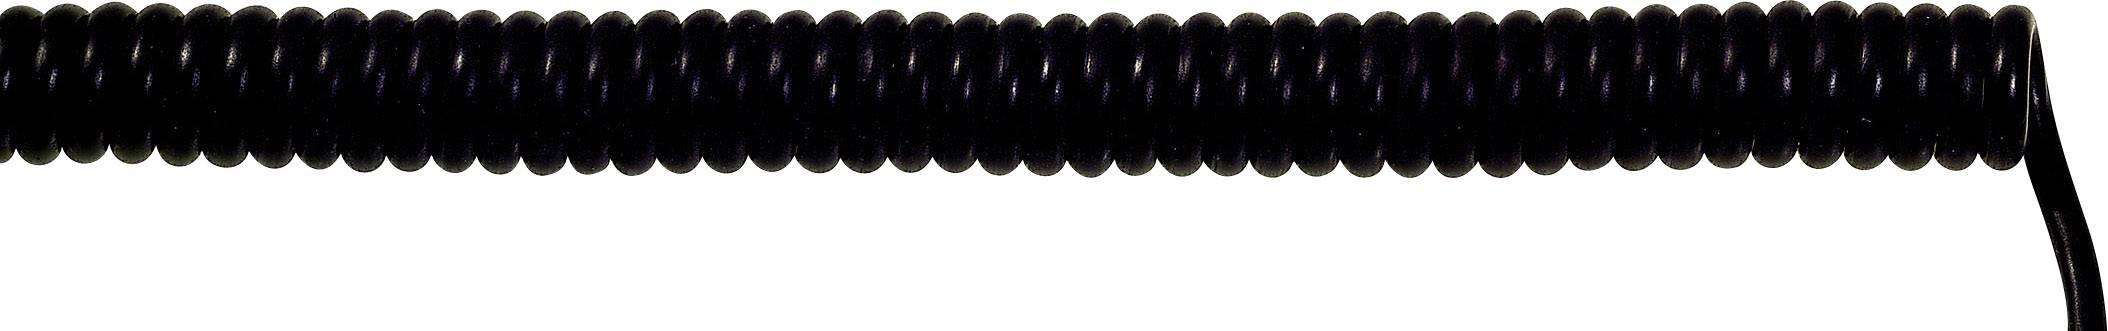 Špirálový kábel 73220218 UNITRONIC® SPIRAL 5 x 0.14 mm², 400 mm / 1600 mm, čierna